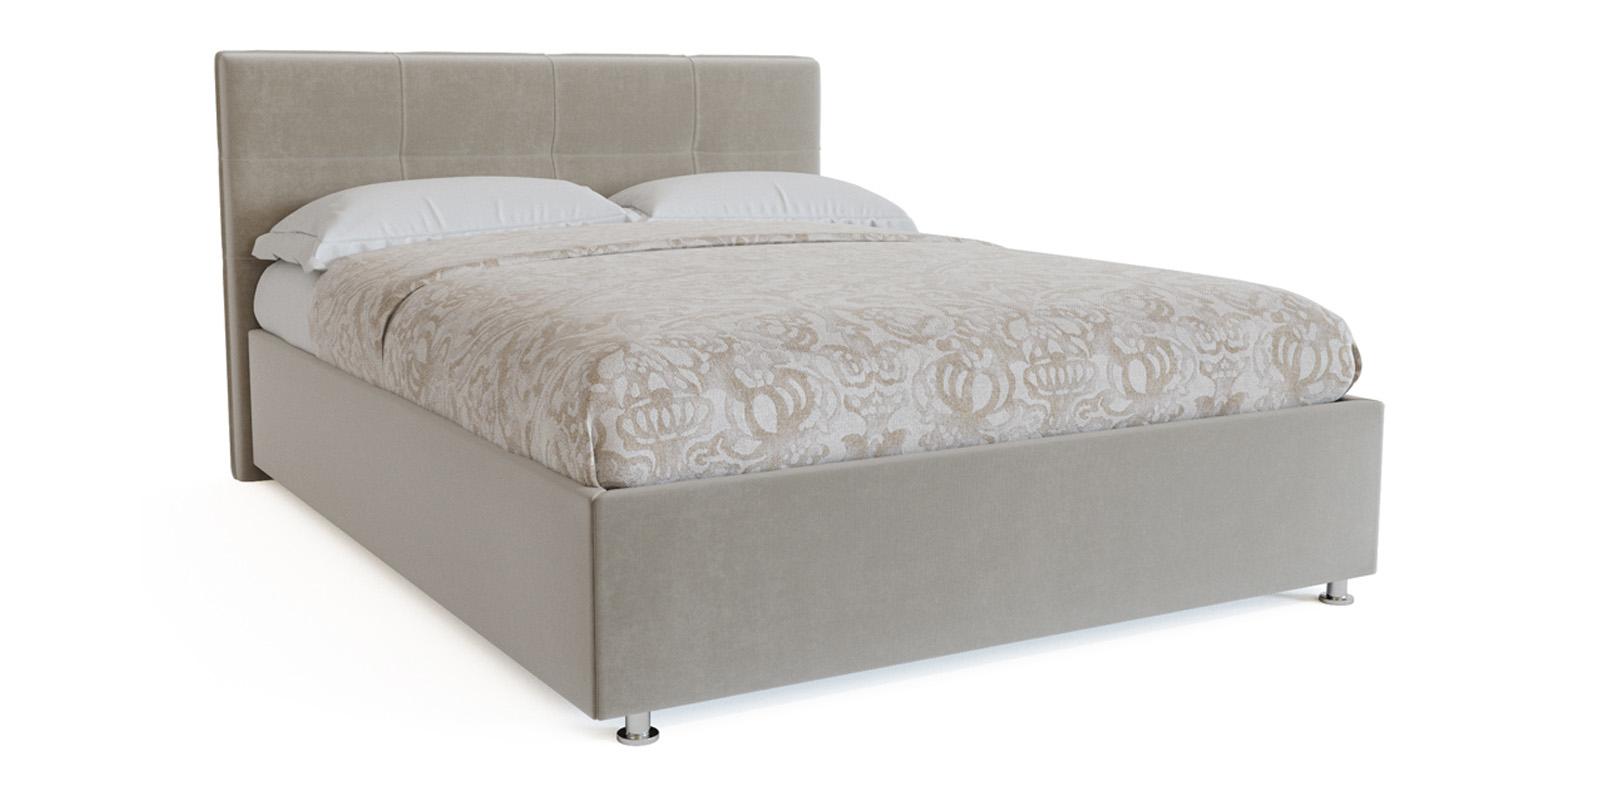 Мягкая кровать 200х180 Неаполь с ортопедическим основанием (Светло-серый)